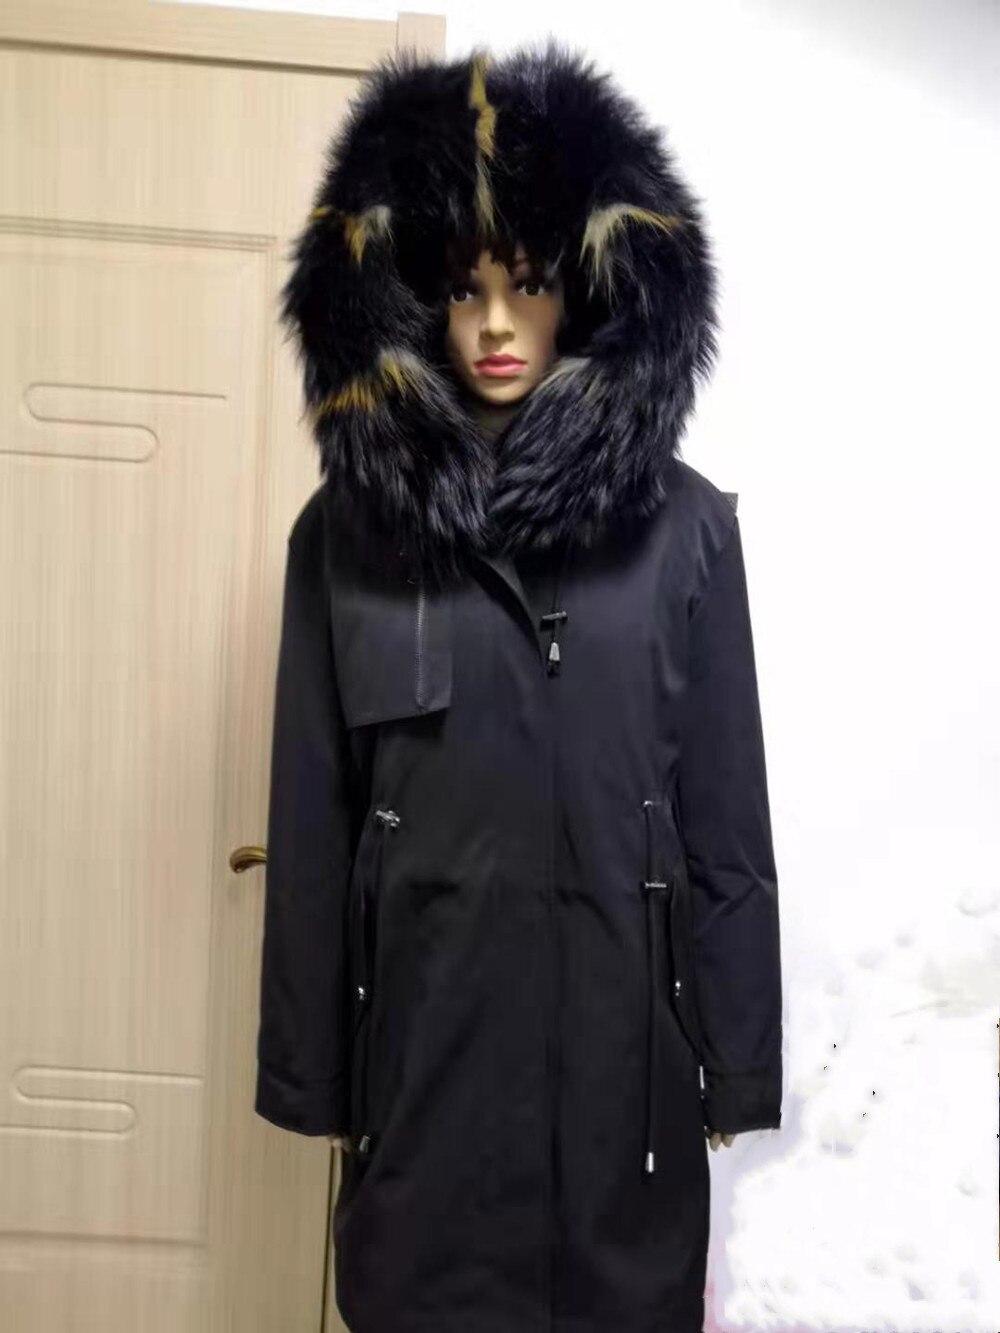 Mulheres Jaqueta de Inverno parka Pele Real Real Natural Fox Fur Coat Grosso Quente Fur Parka Casaco De Pele Verdadeira 2019